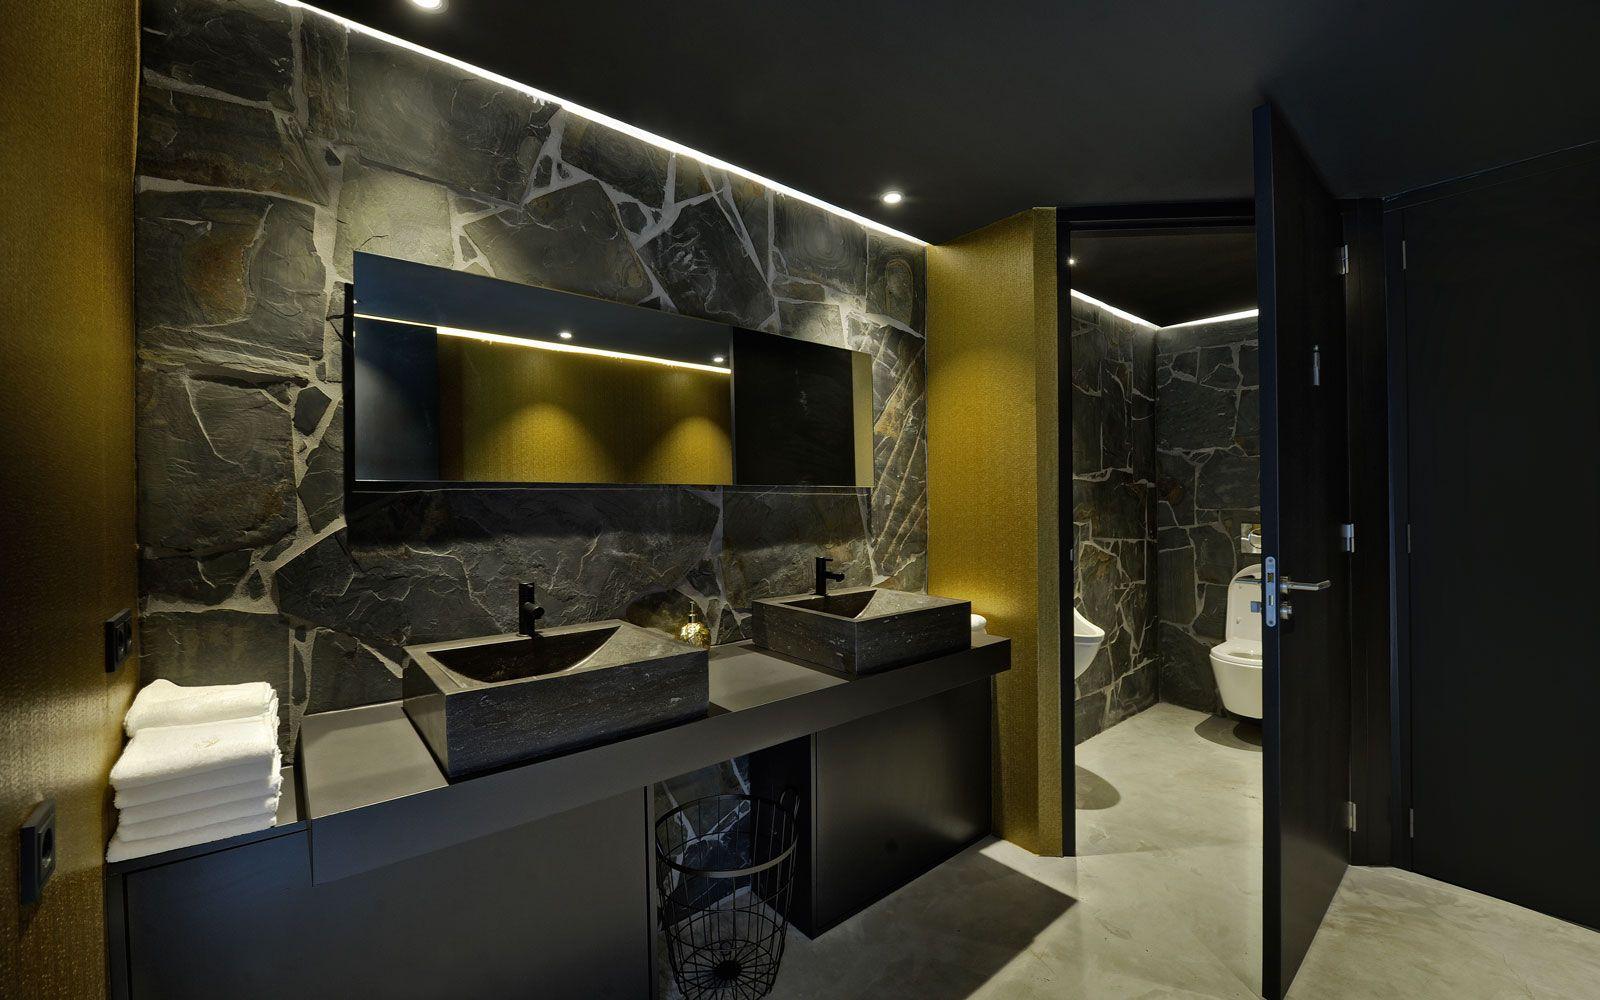 Eetkamer met op maat gemaakt dressoir in ceppo di gres natuursteen